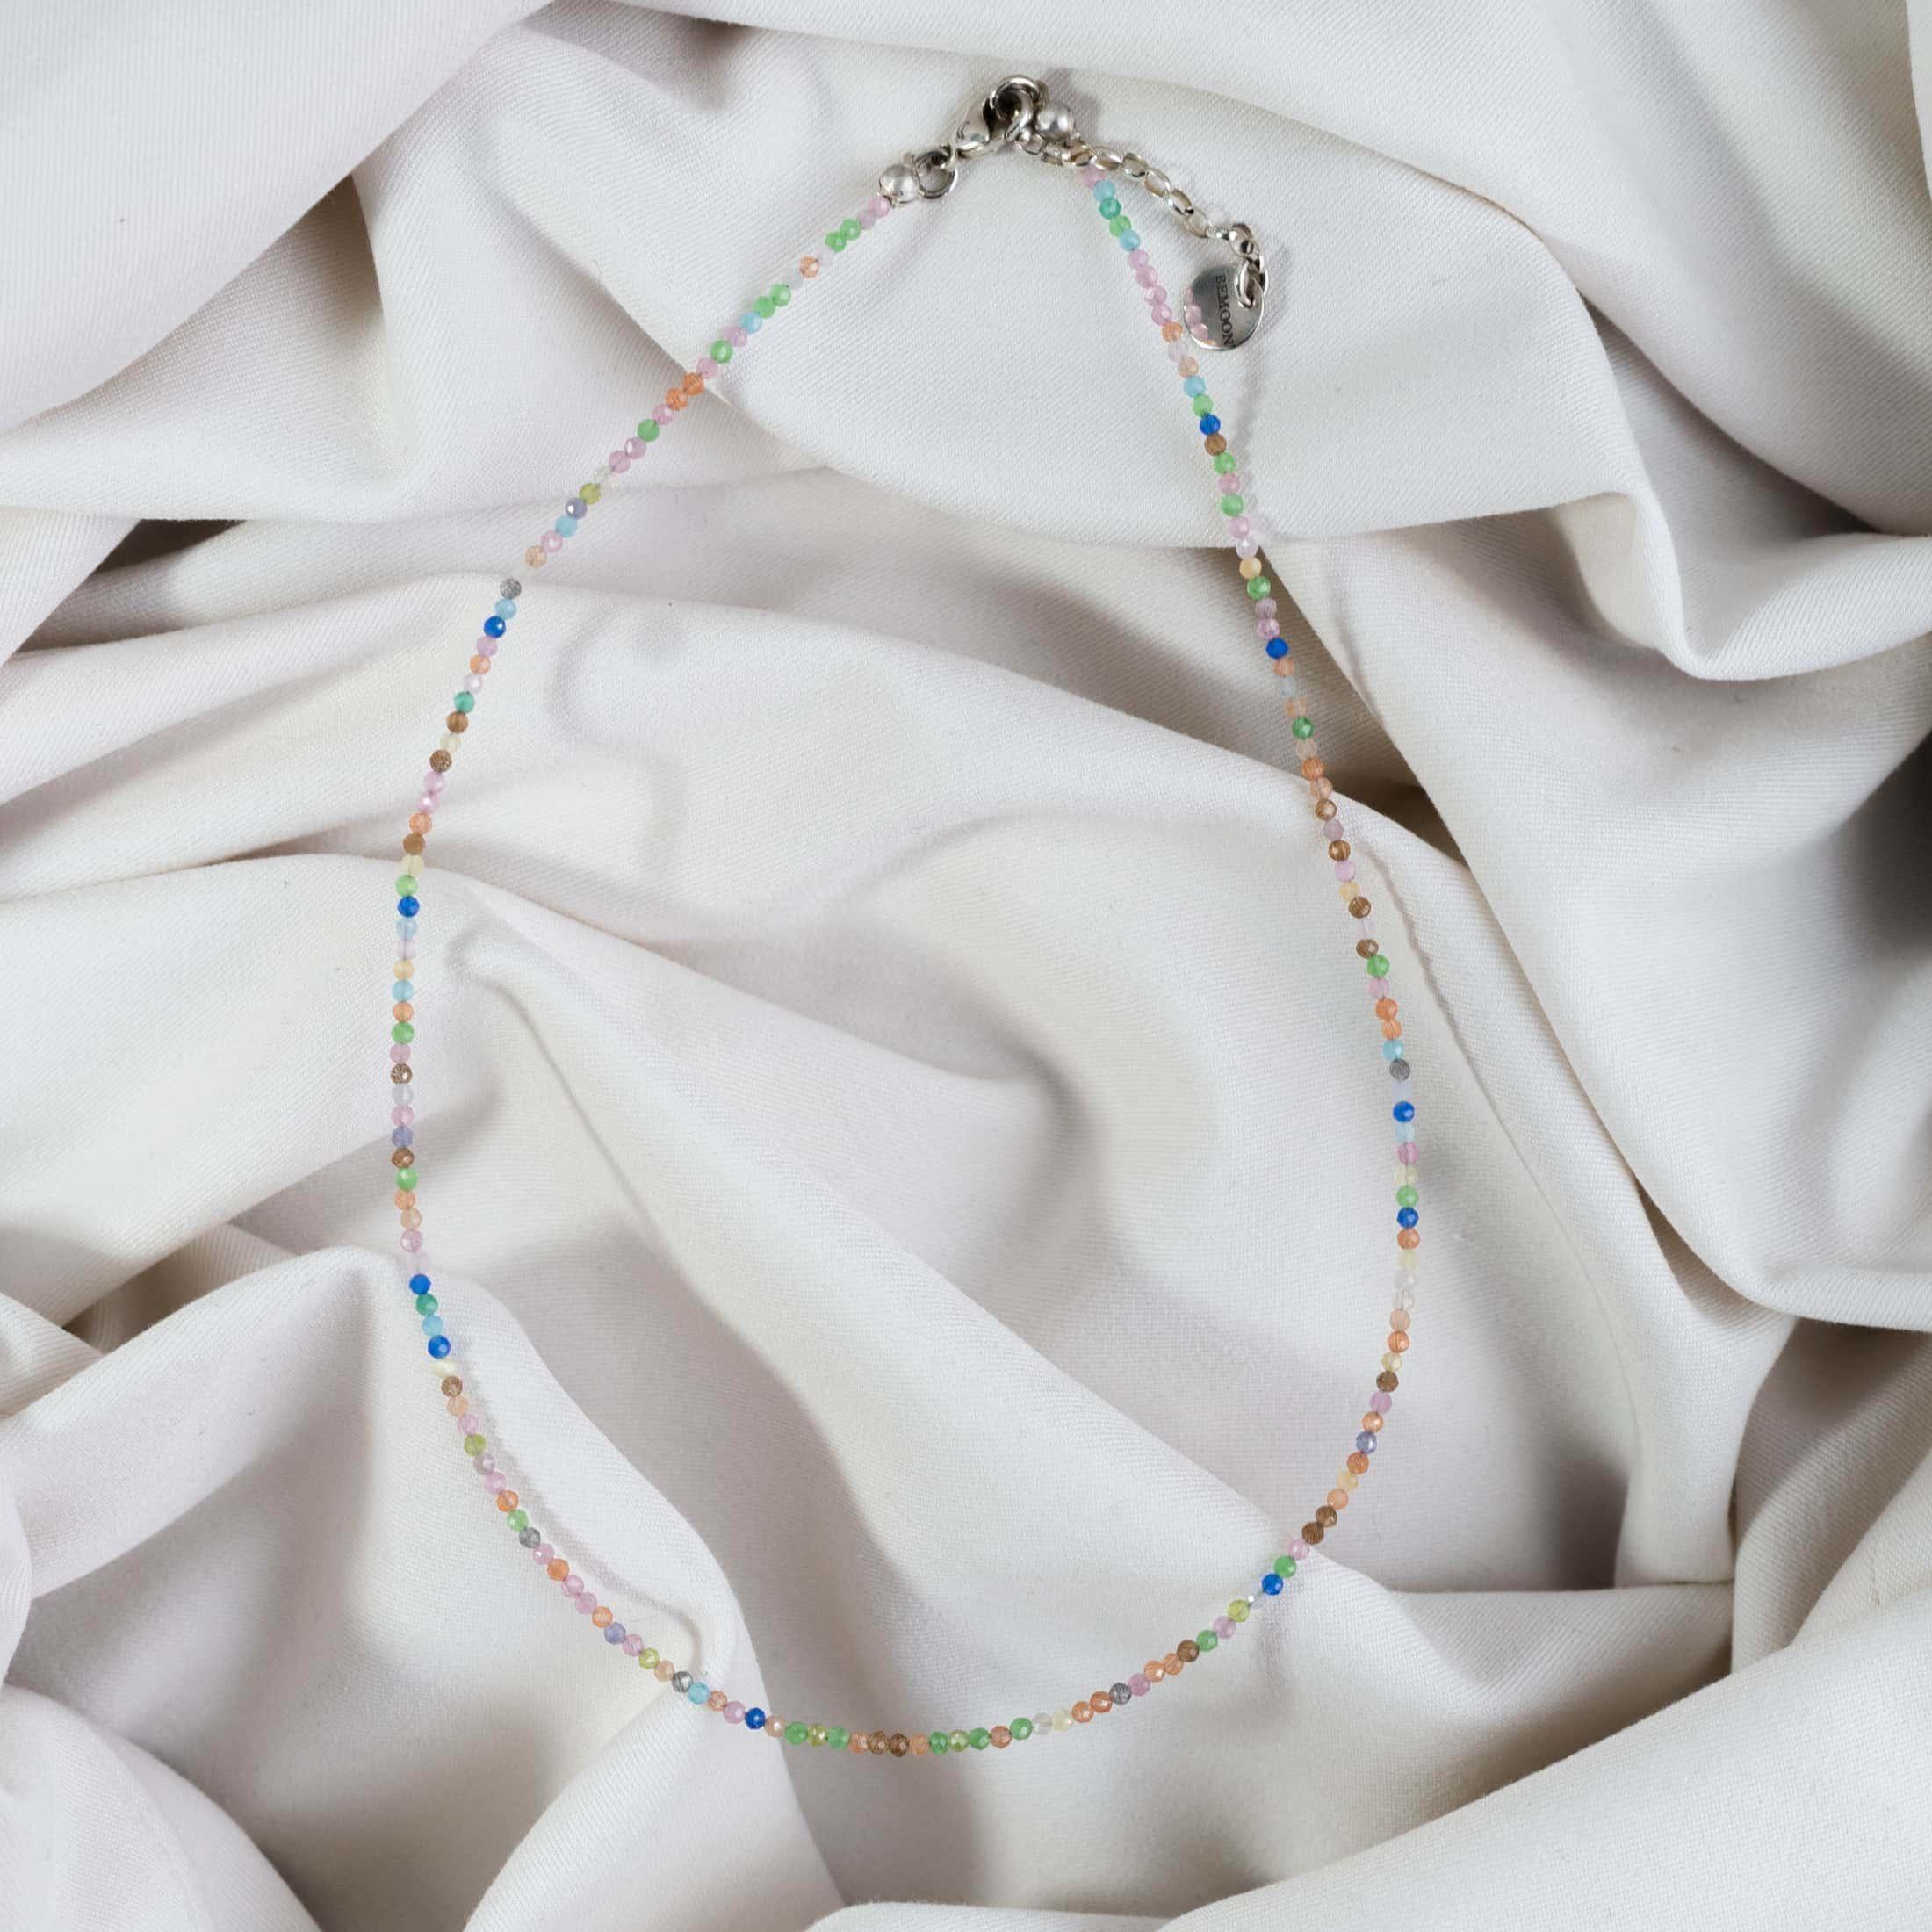 Naszyjnik z kolorowymi kamieniami na jasnym materiale